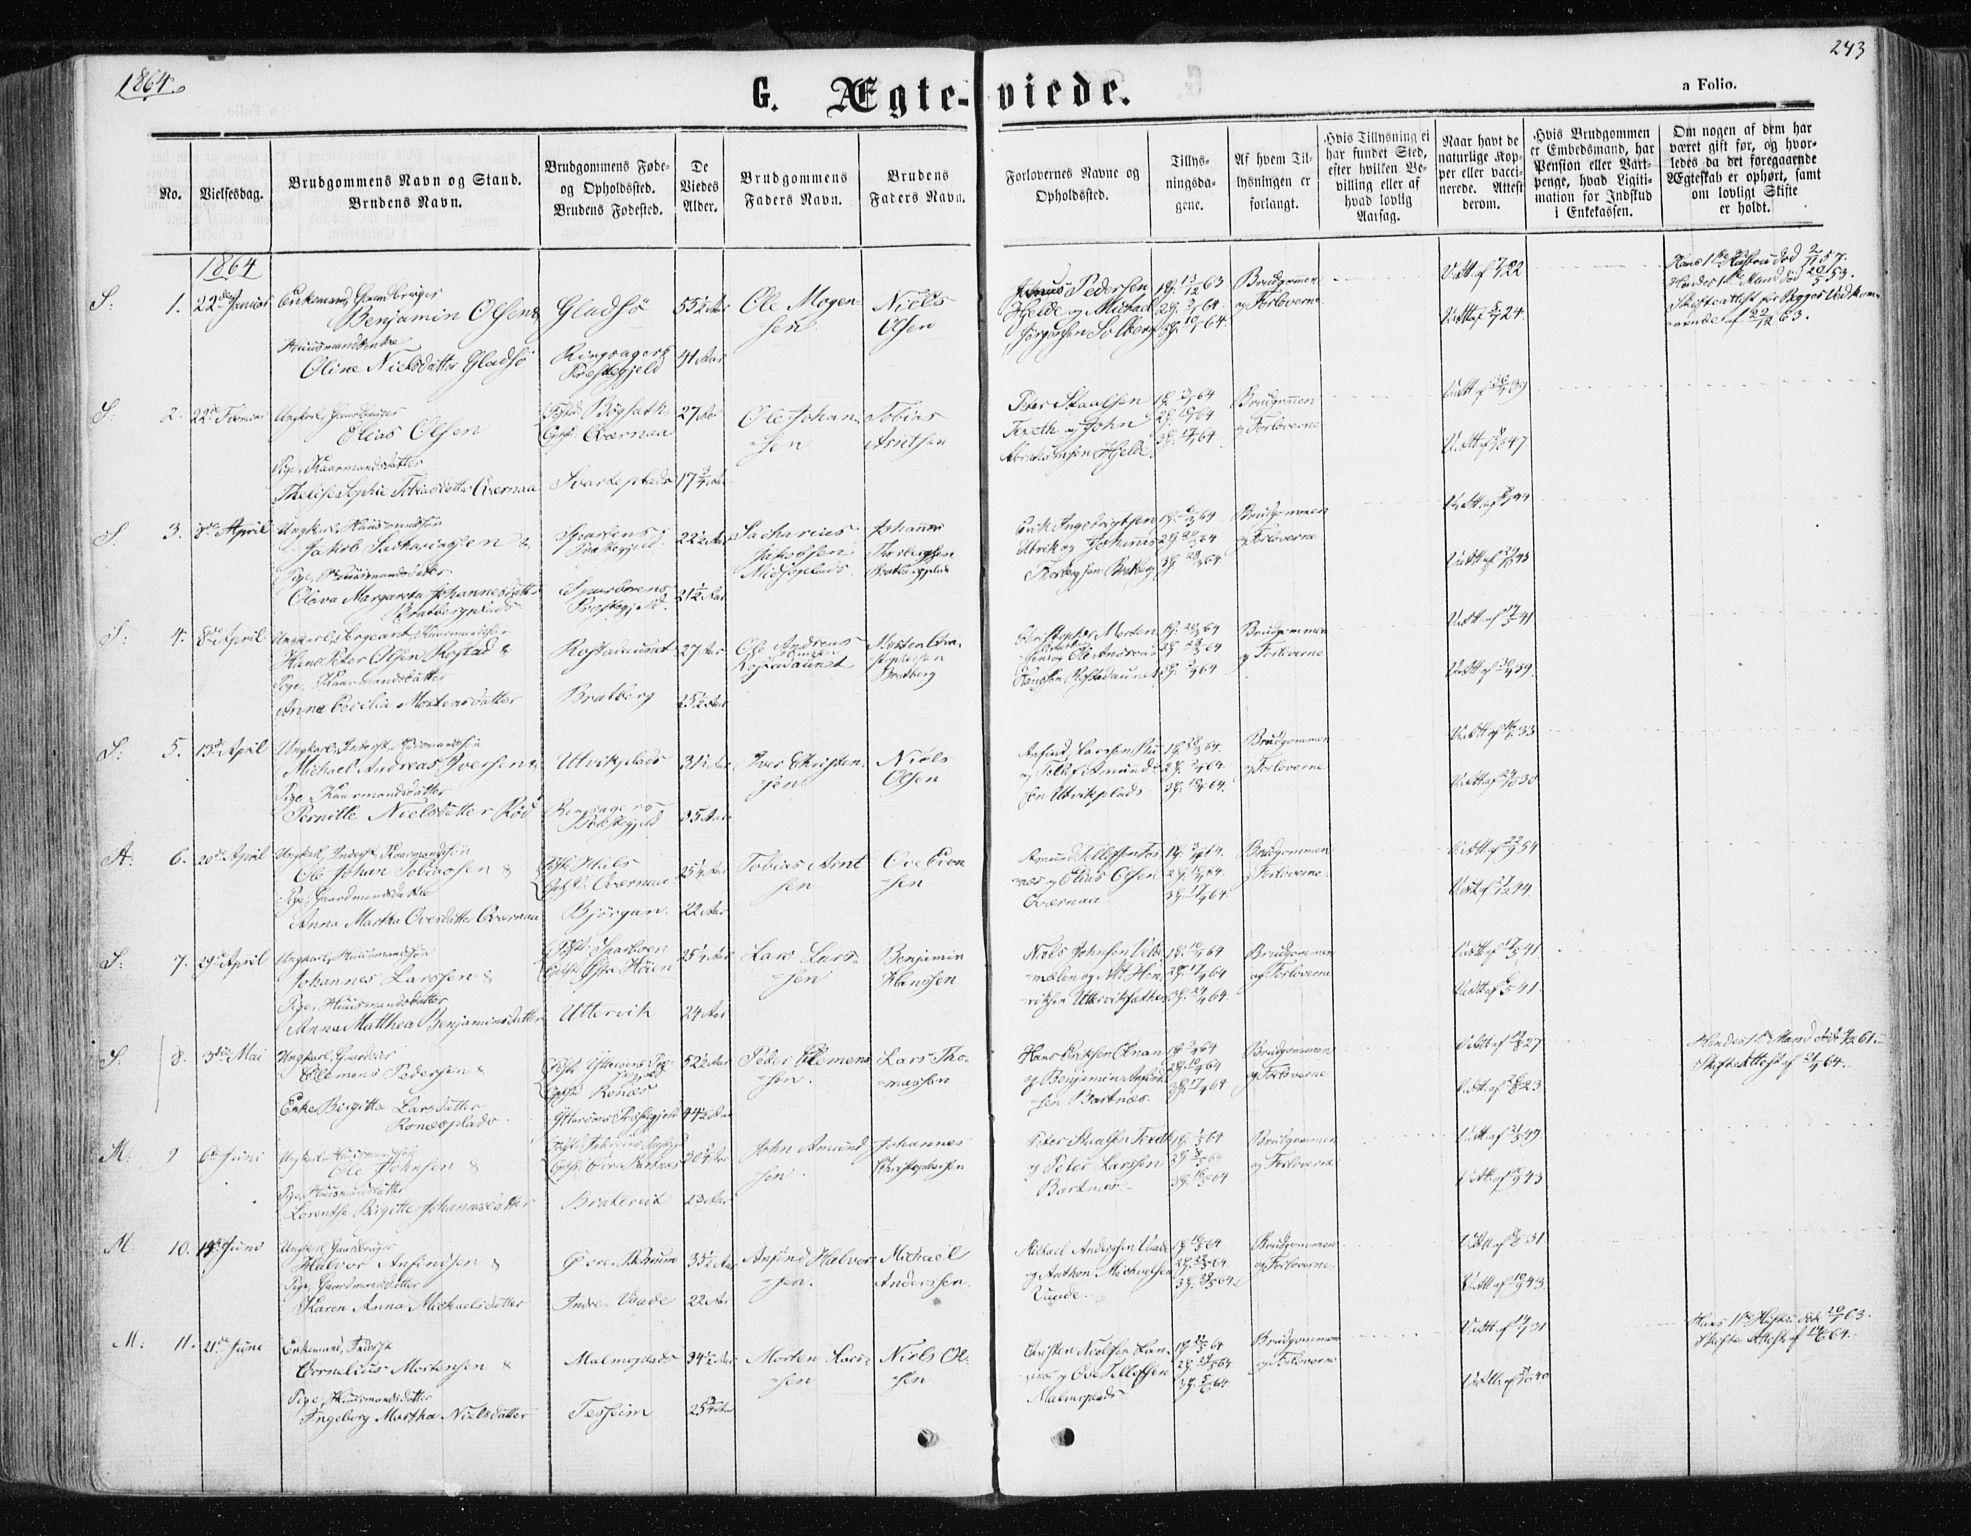 SAT, Ministerialprotokoller, klokkerbøker og fødselsregistre - Nord-Trøndelag, 741/L0394: Ministerialbok nr. 741A08, 1864-1877, s. 243